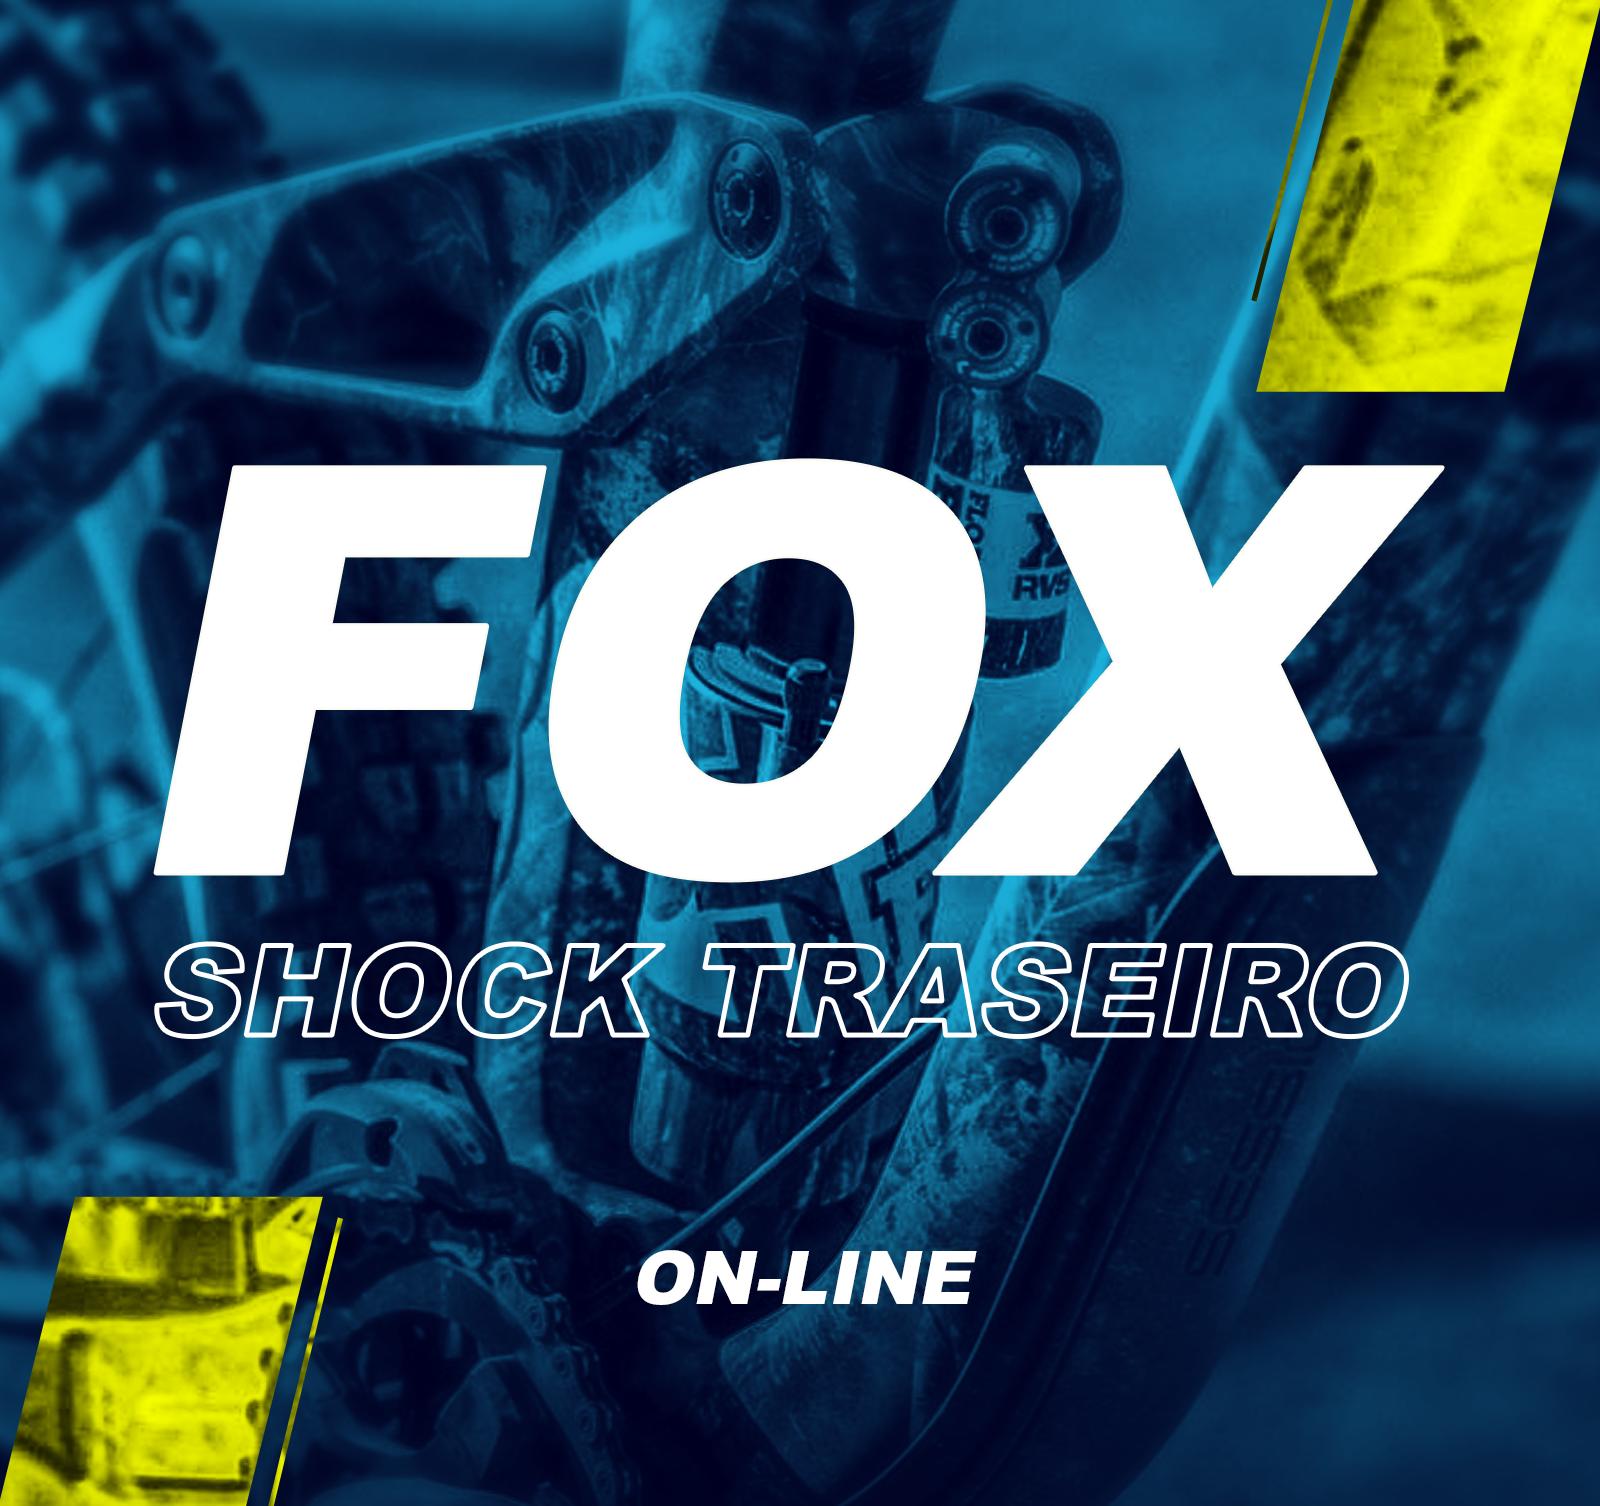 Shock-traseiro-fox